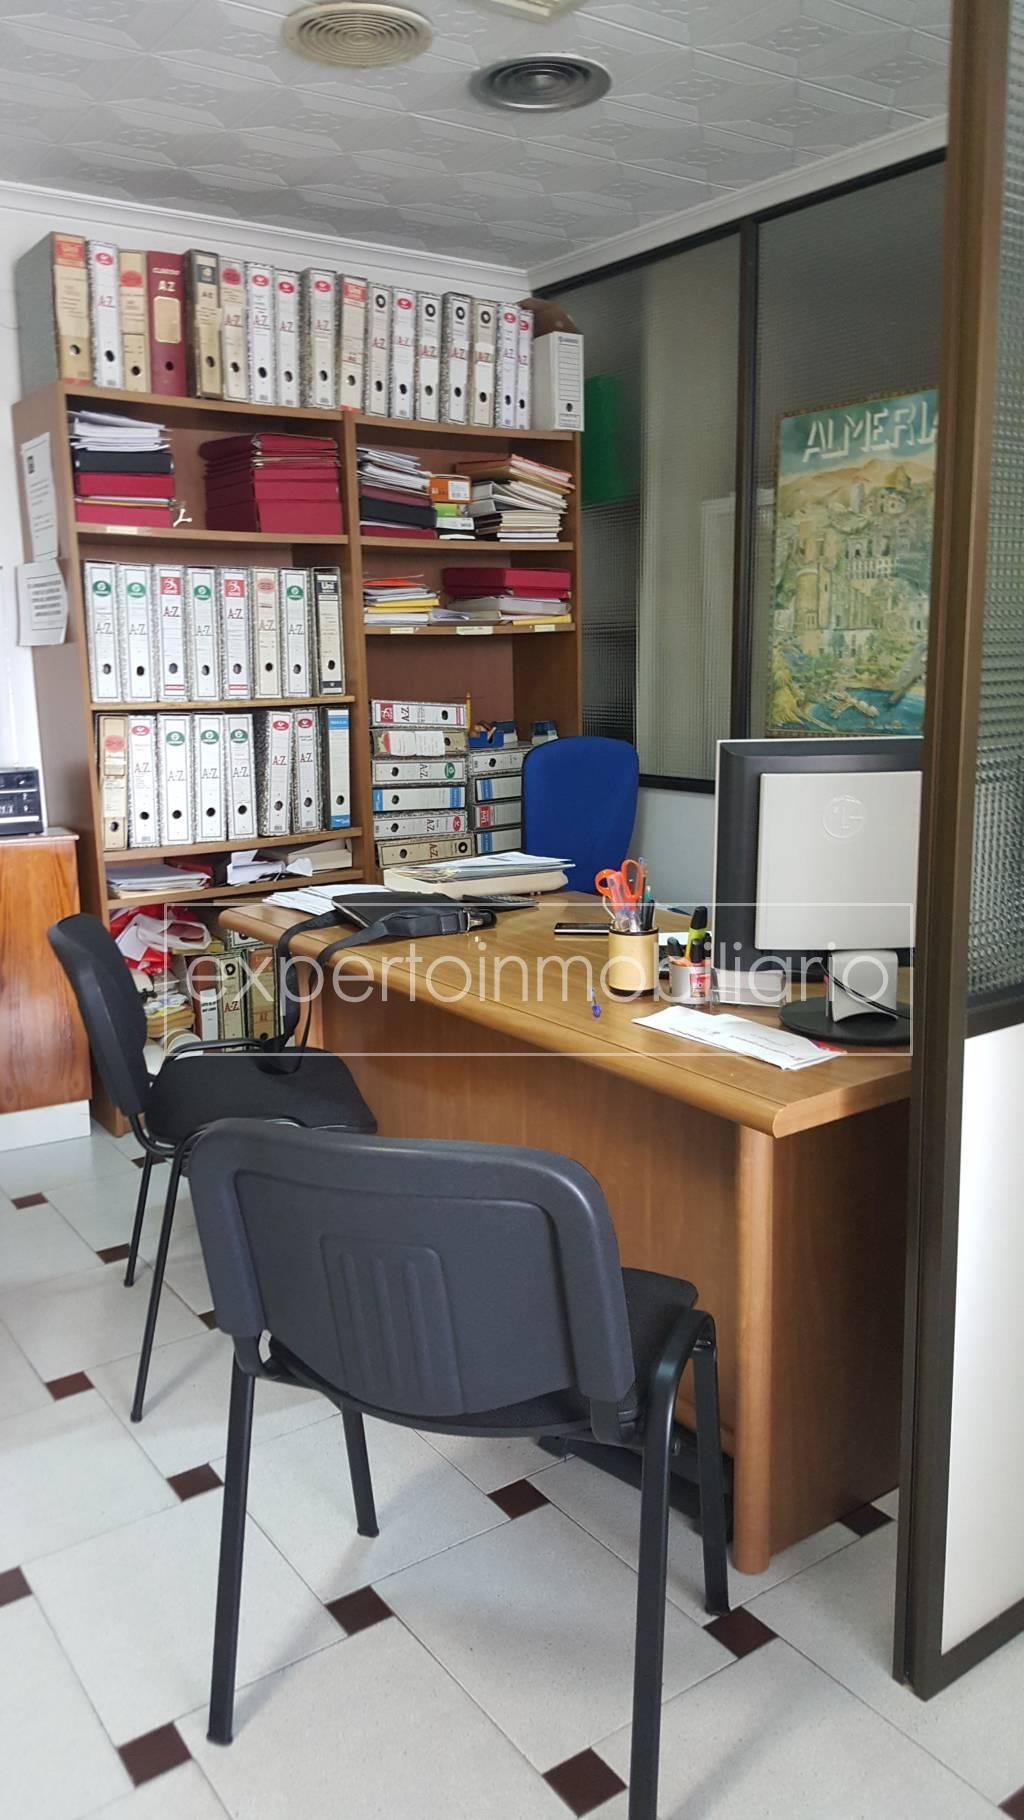 Oficina en almer a almer a ref of9577 for Oficina empleo almeria